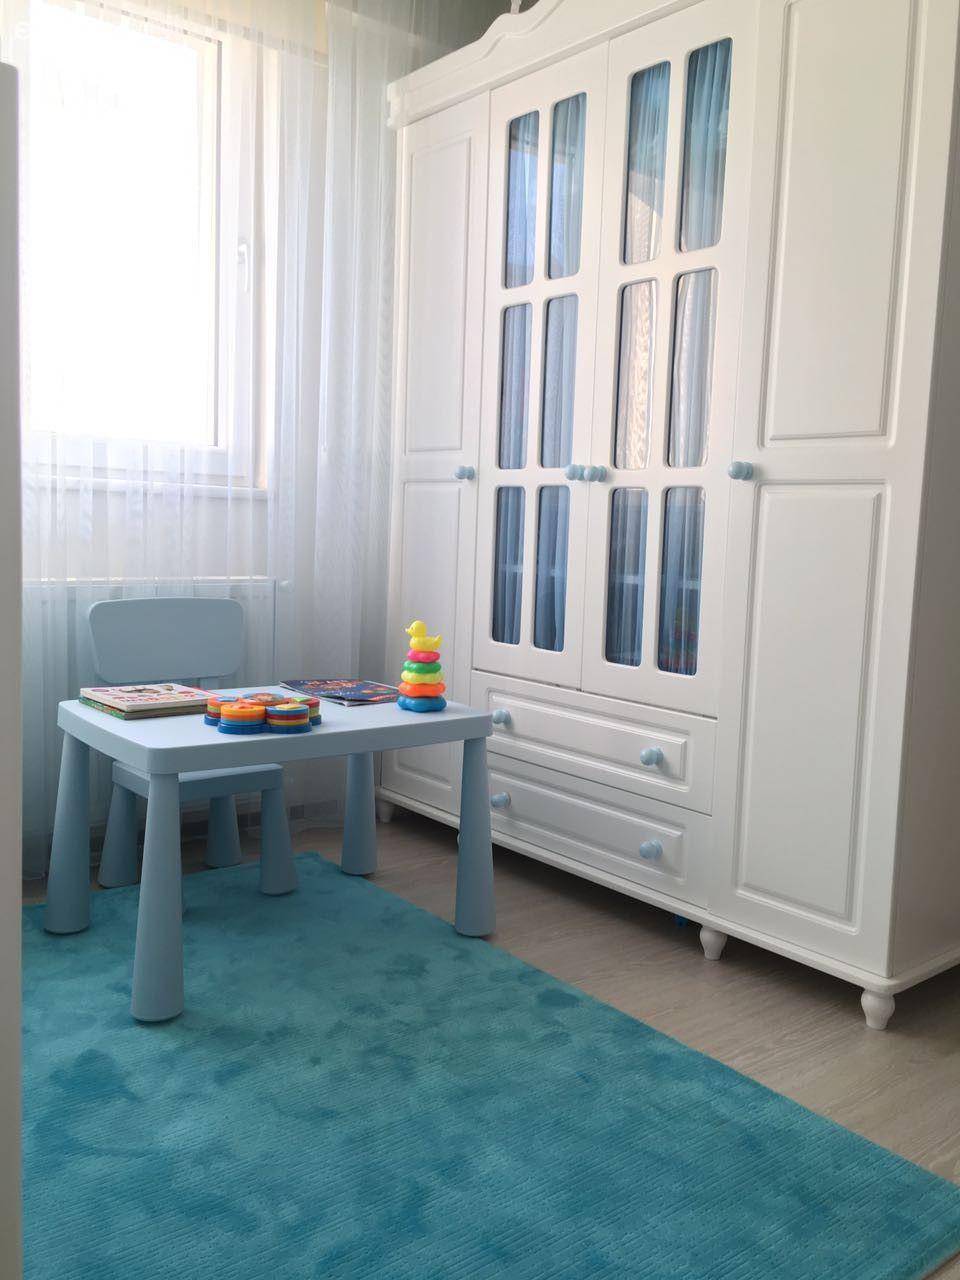 900+ Modelle für Kinderzimmer, Deko-Ideen für Kinderzimmer | Hausausflug